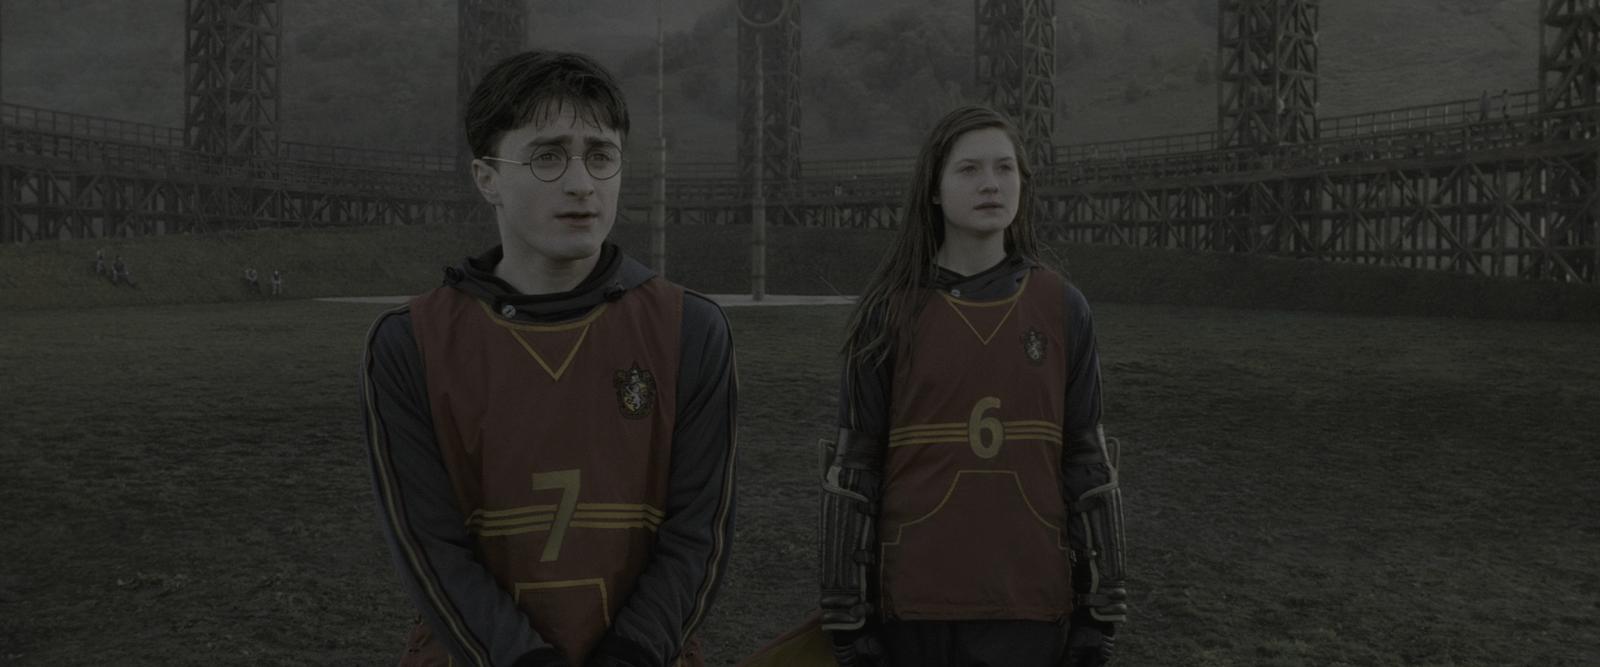 Harry Potter y el Misterio del Príncipe (2009) 4K UHD [HDR] Latino - Castellano - Ingles captura 1